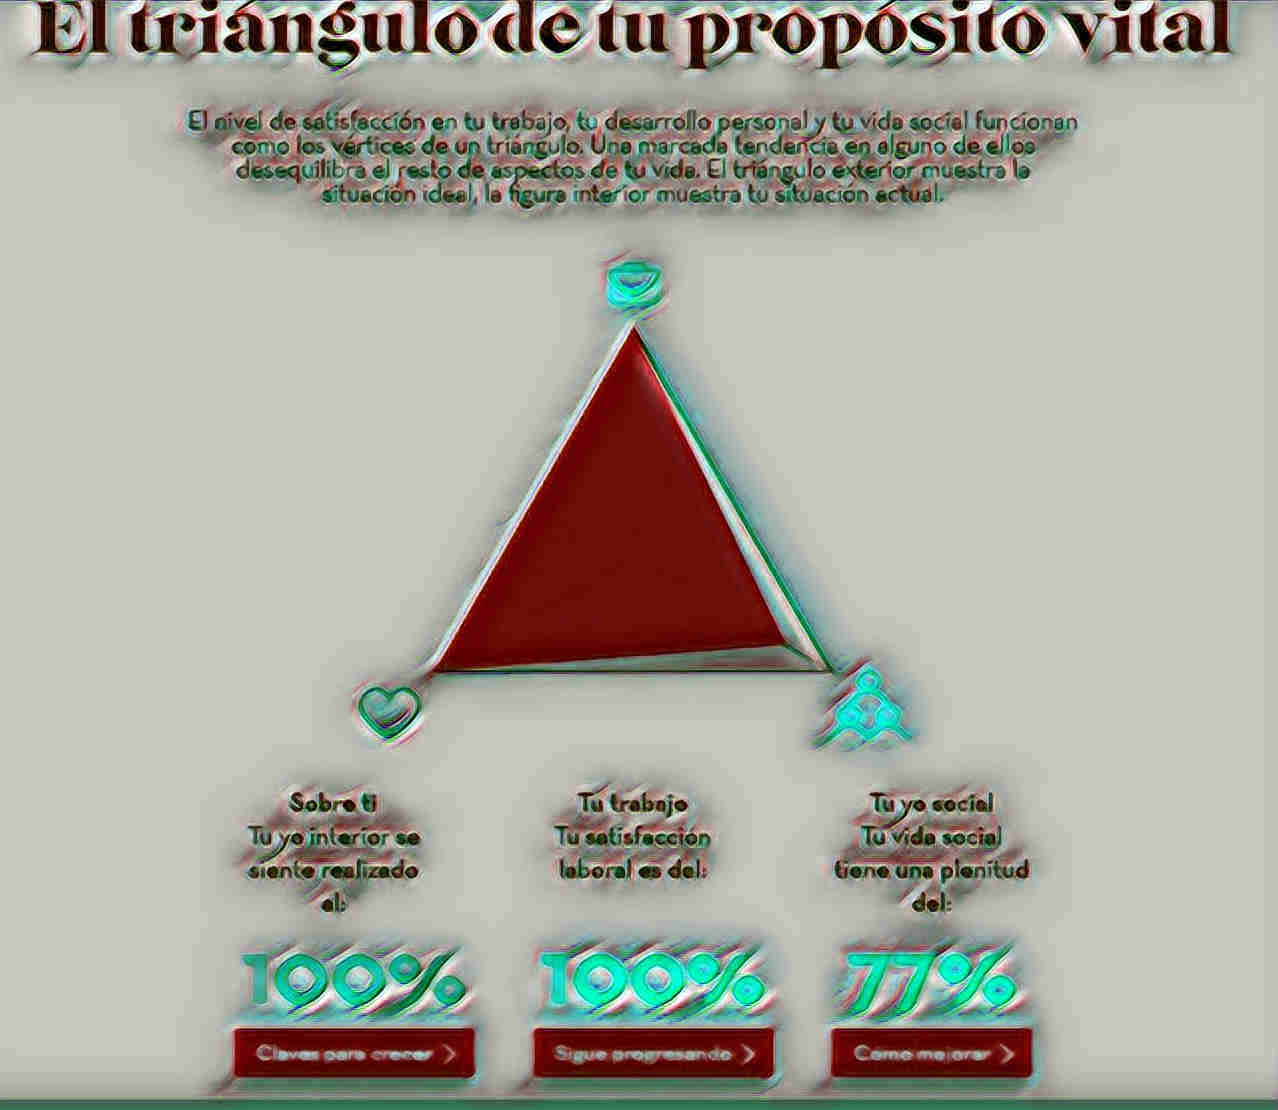 Triangulo del Proposito de Vida de Fernando Gonzalez de Zarate Alonso